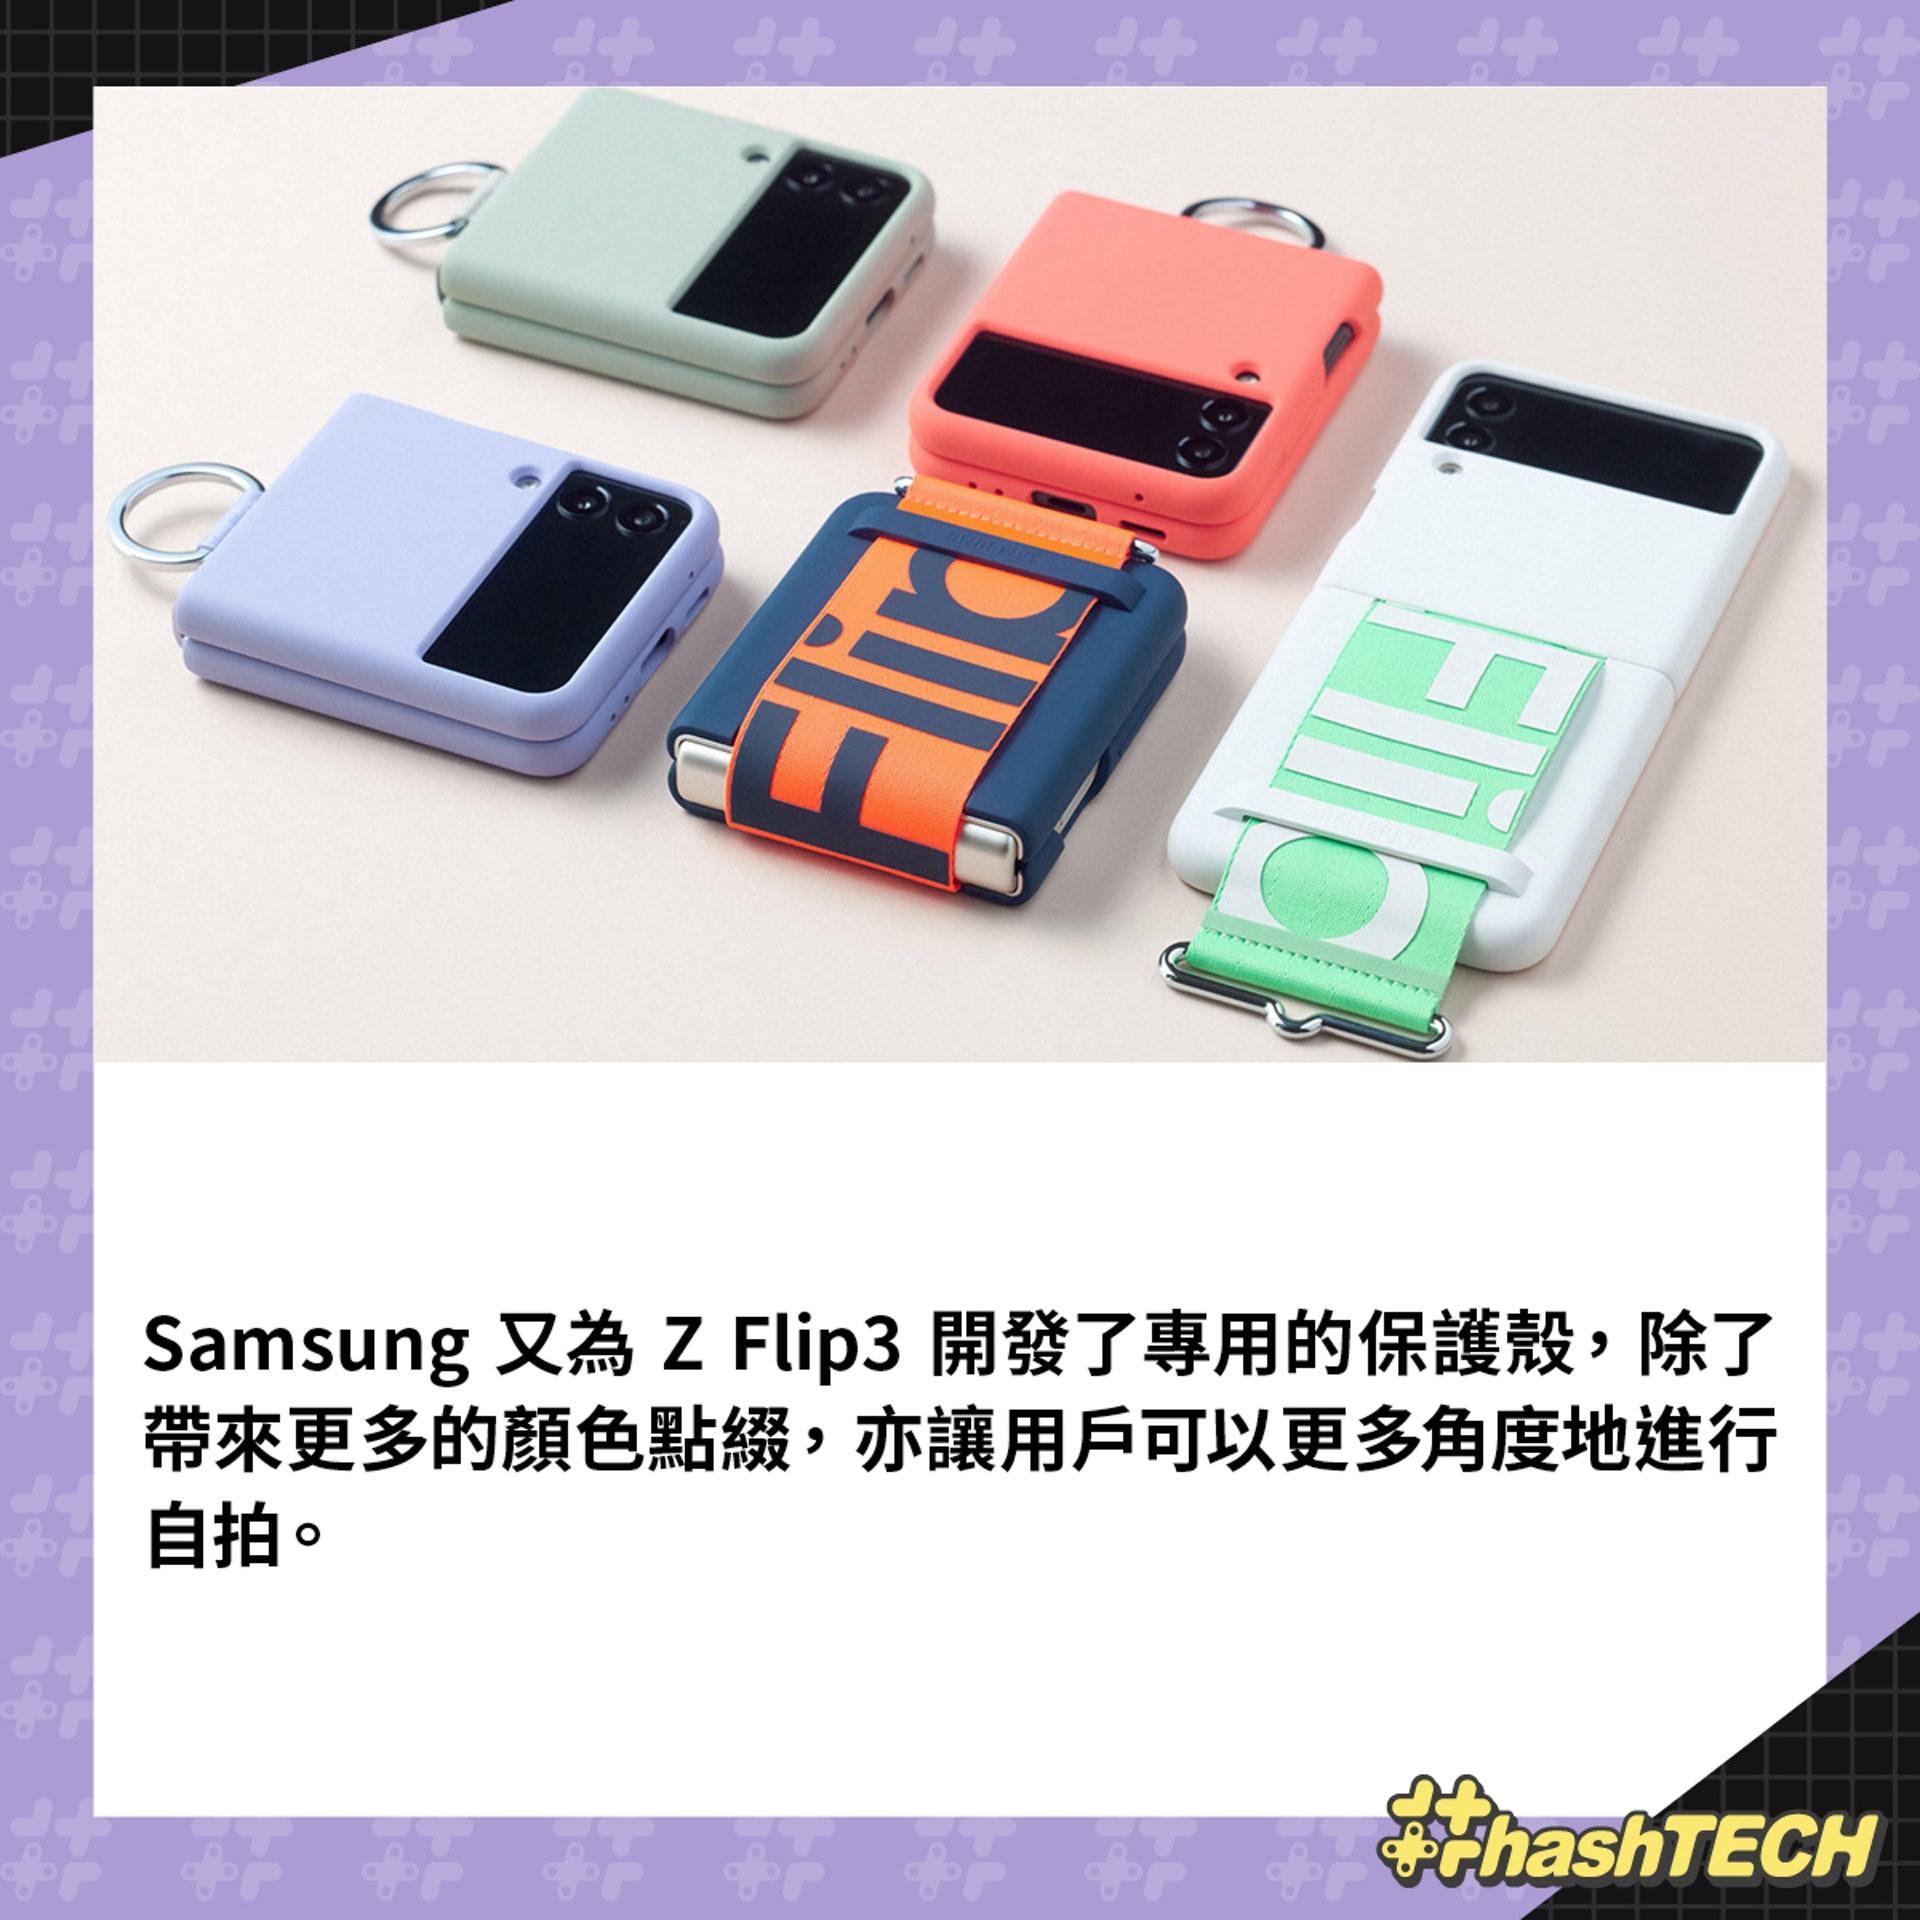 Samsung Galaxy Z Flip3 規格賣點